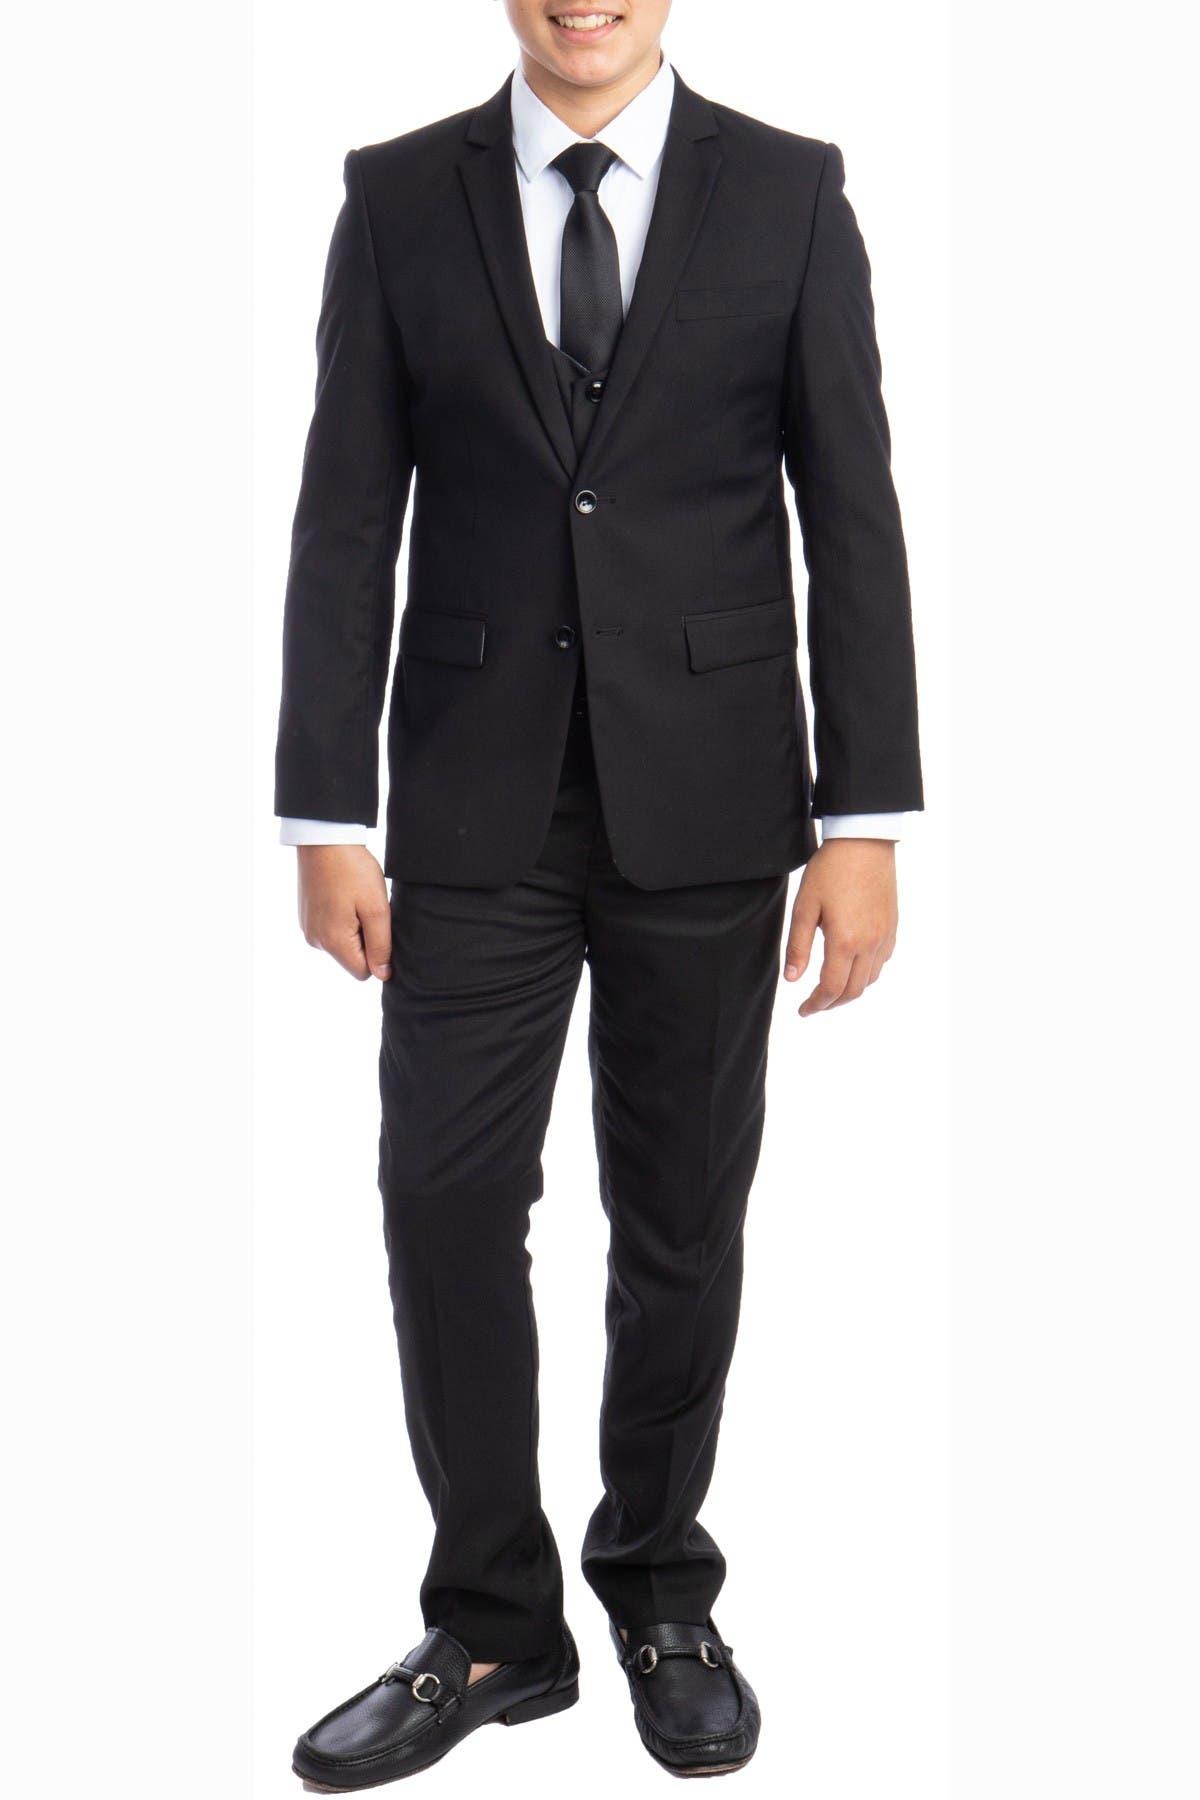 Image of Perry Ellis Portfolio Solid 5-Piece Suit